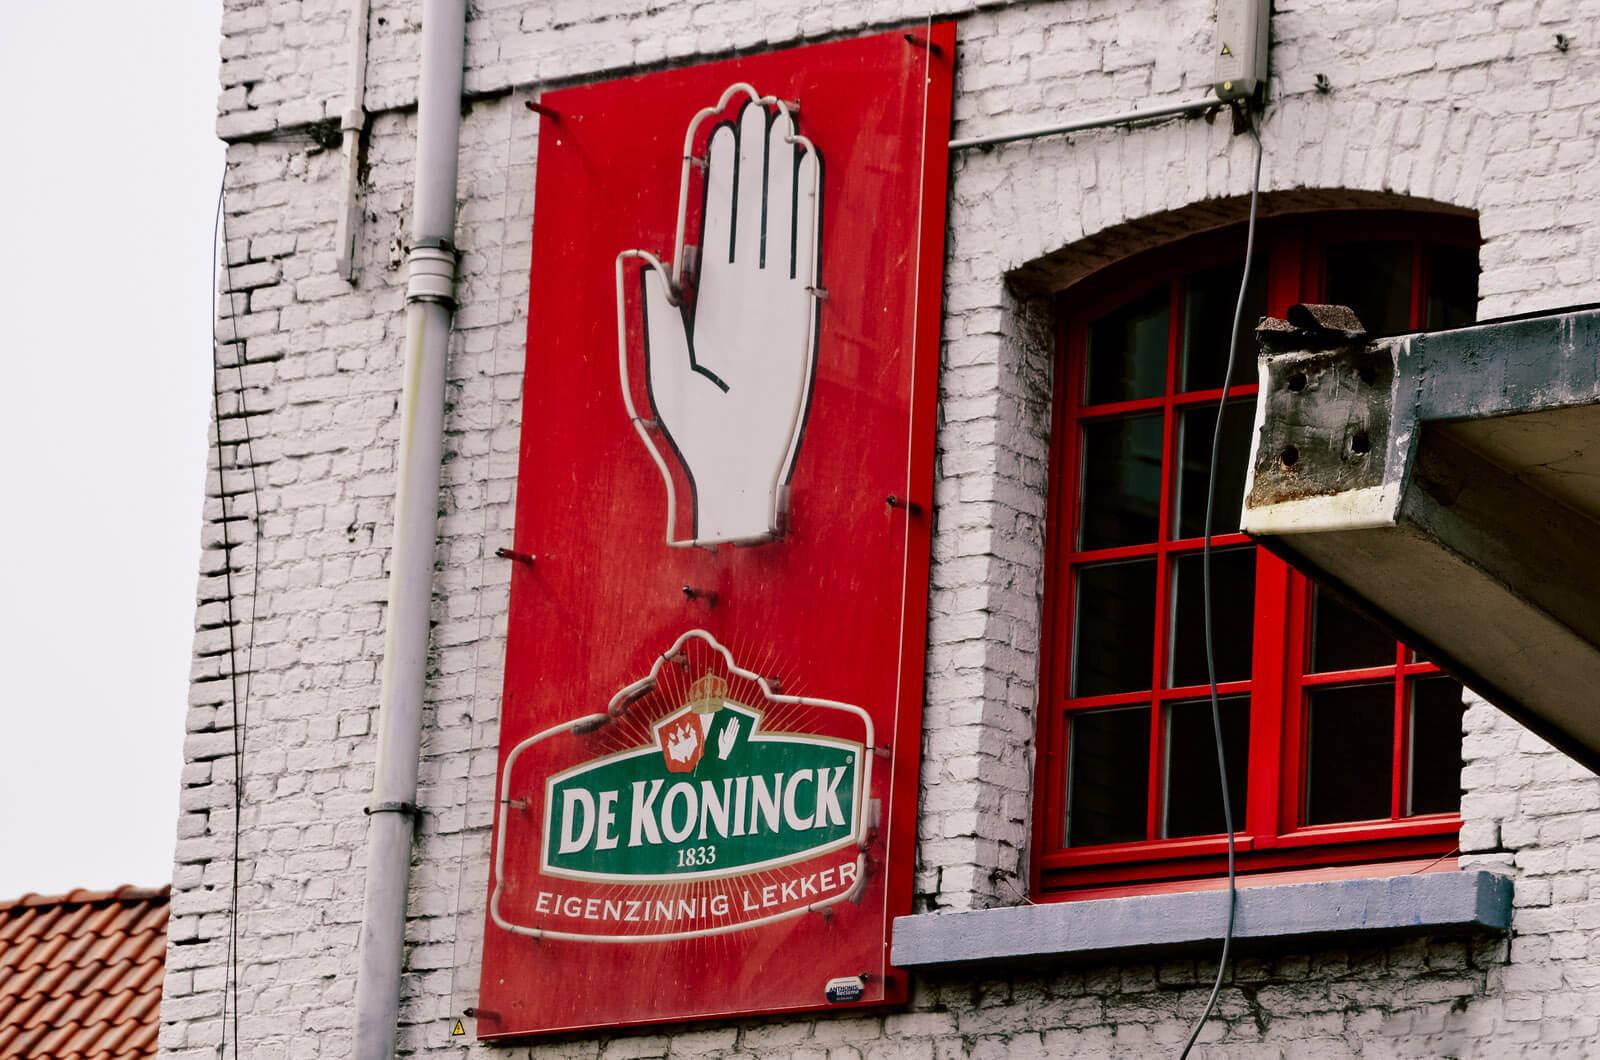 Пивоварня руки или De Koninck